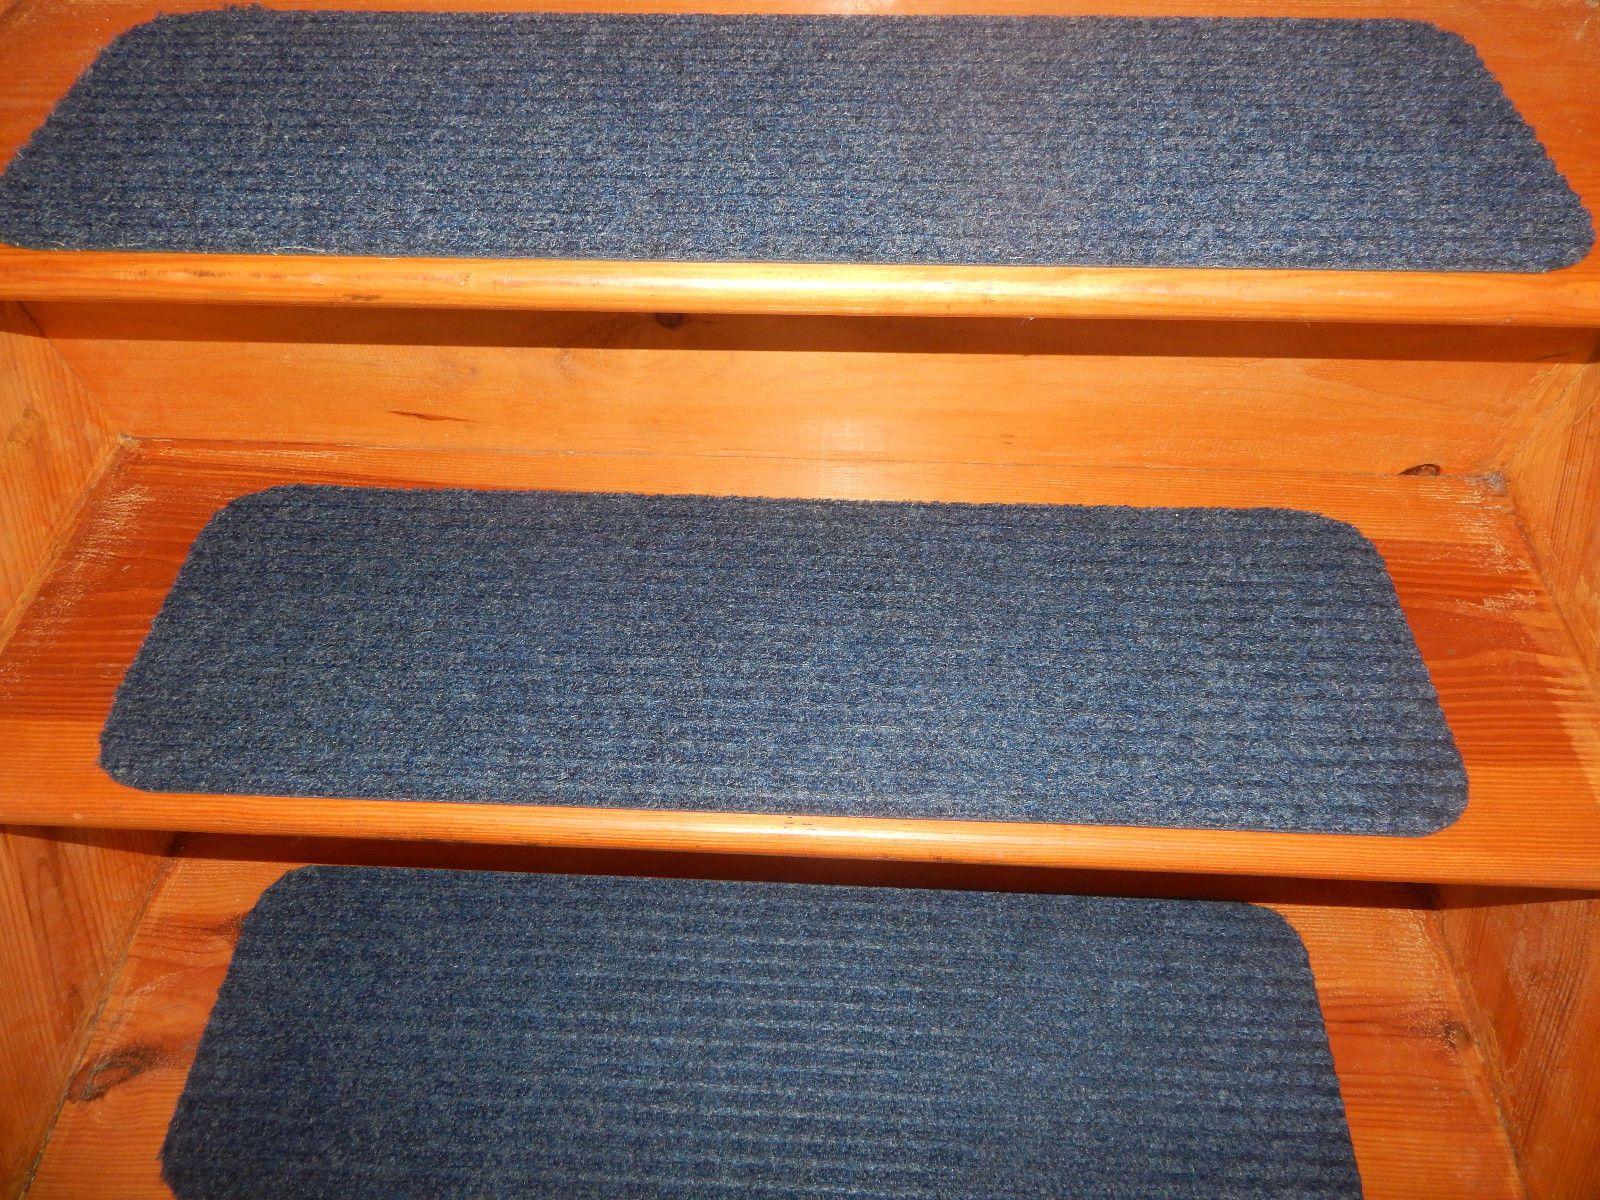 Best Stair Treads 175517 100 Flexible Vinyl Outdoor Indoor 400 x 300